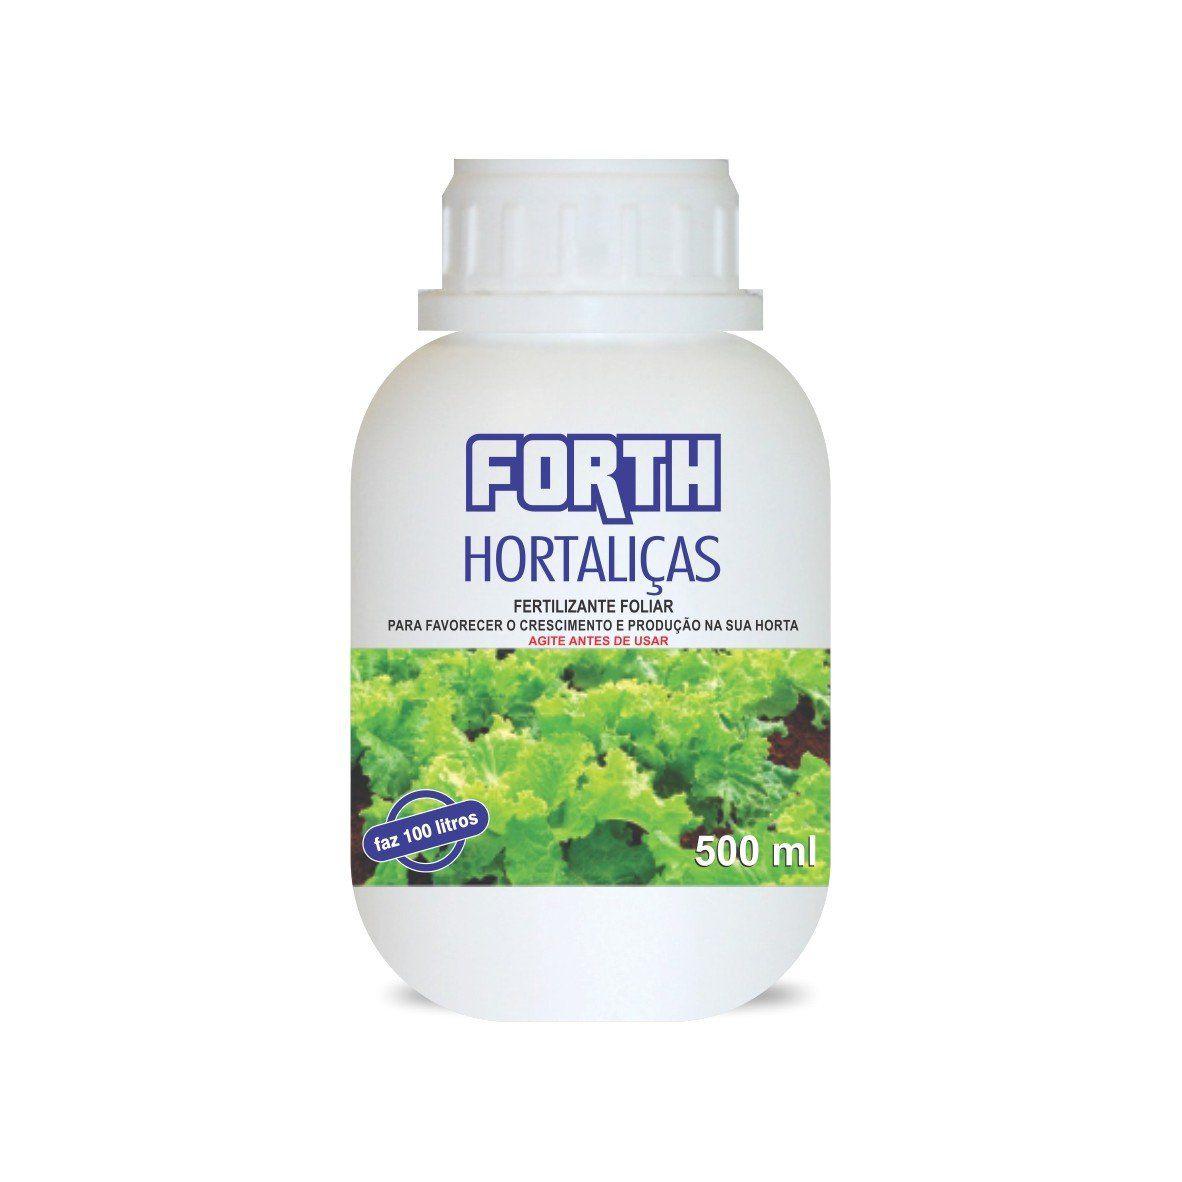 Adubo Fertilizante para Hortaliças - FORTH Hortaliças - 500ml - Faz 100 litros